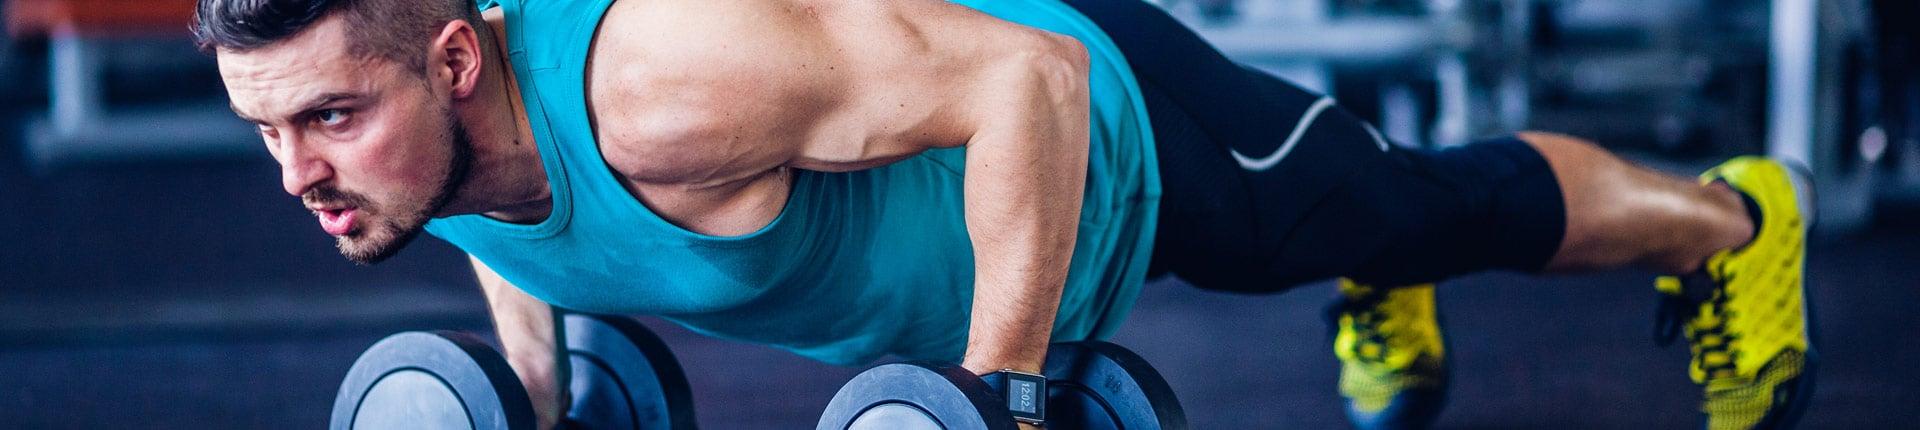 Zaczynasz trenować? Oto 4 zasady, które pozwolą efektywne budować mięśnie